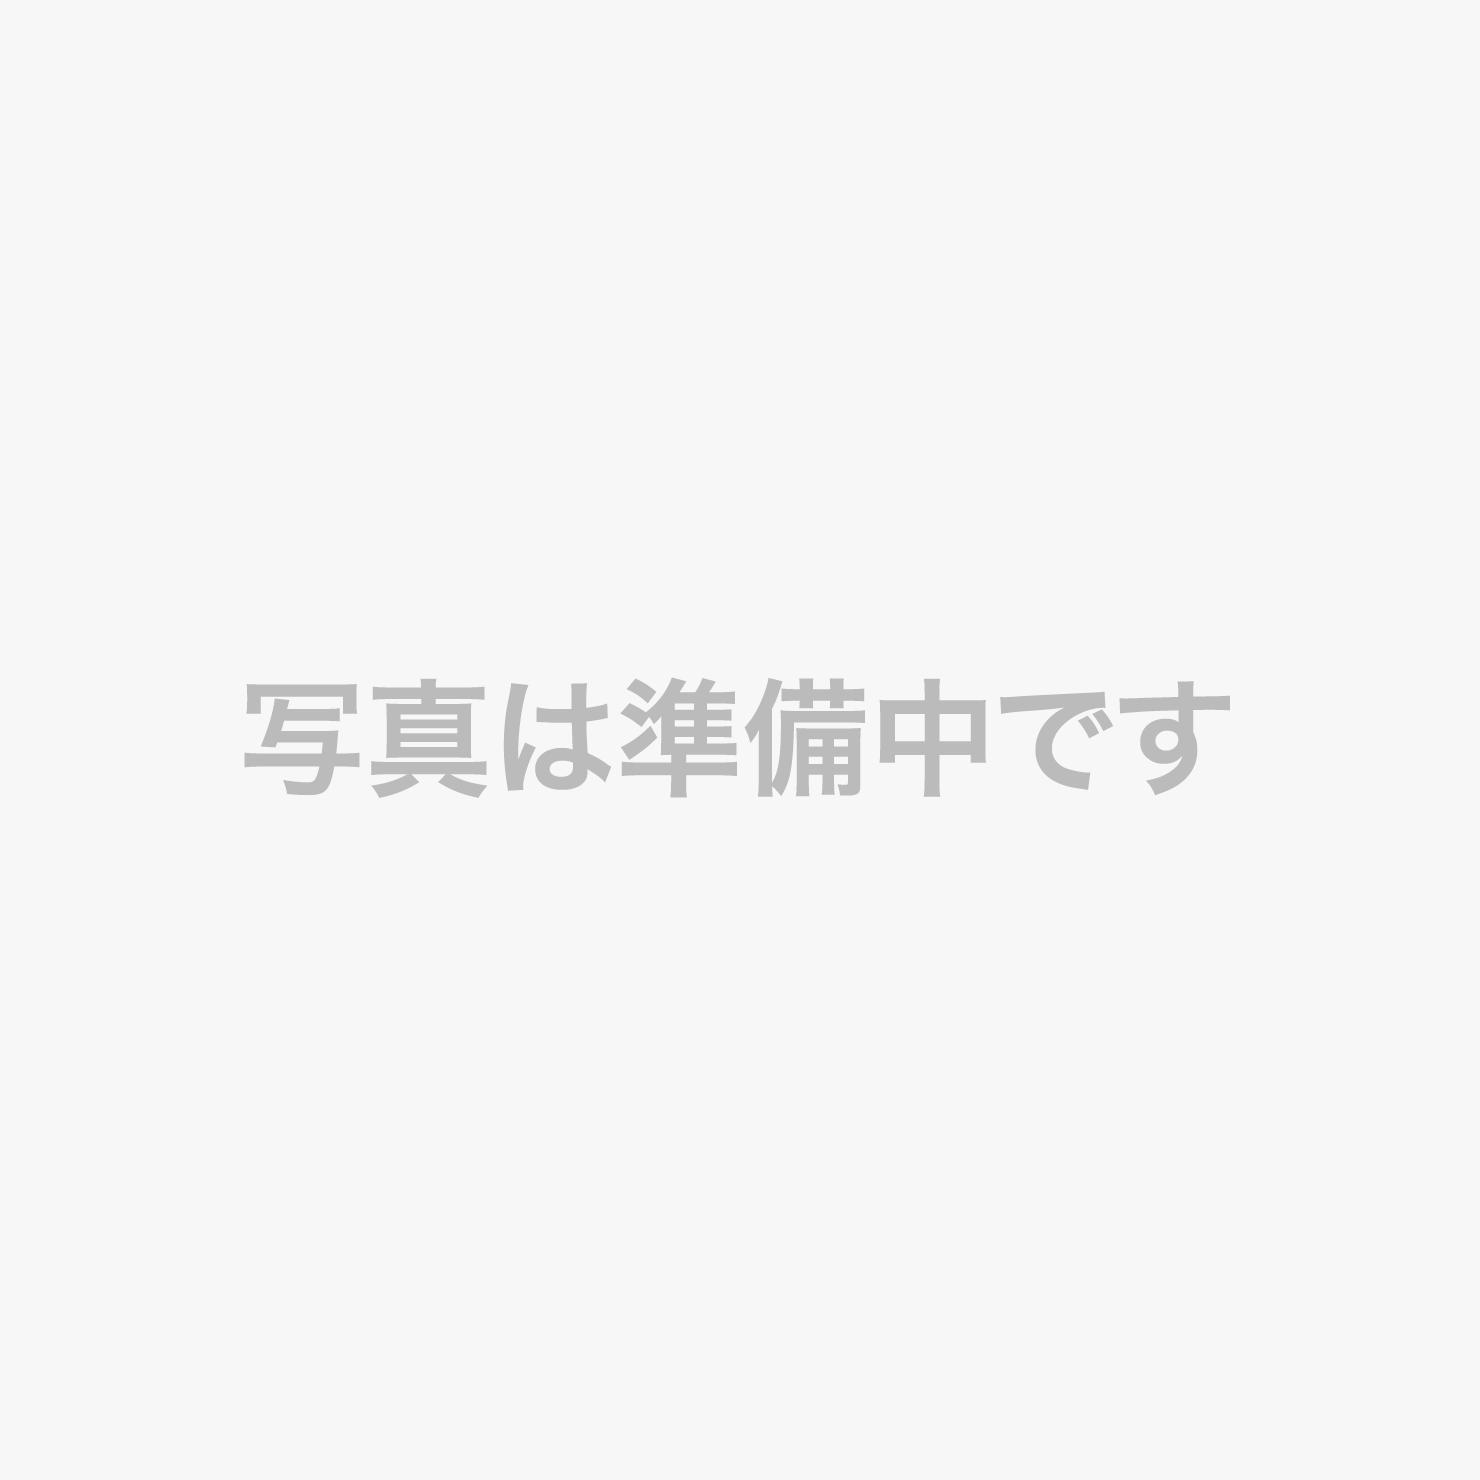 コンフォートイン新潟亀田